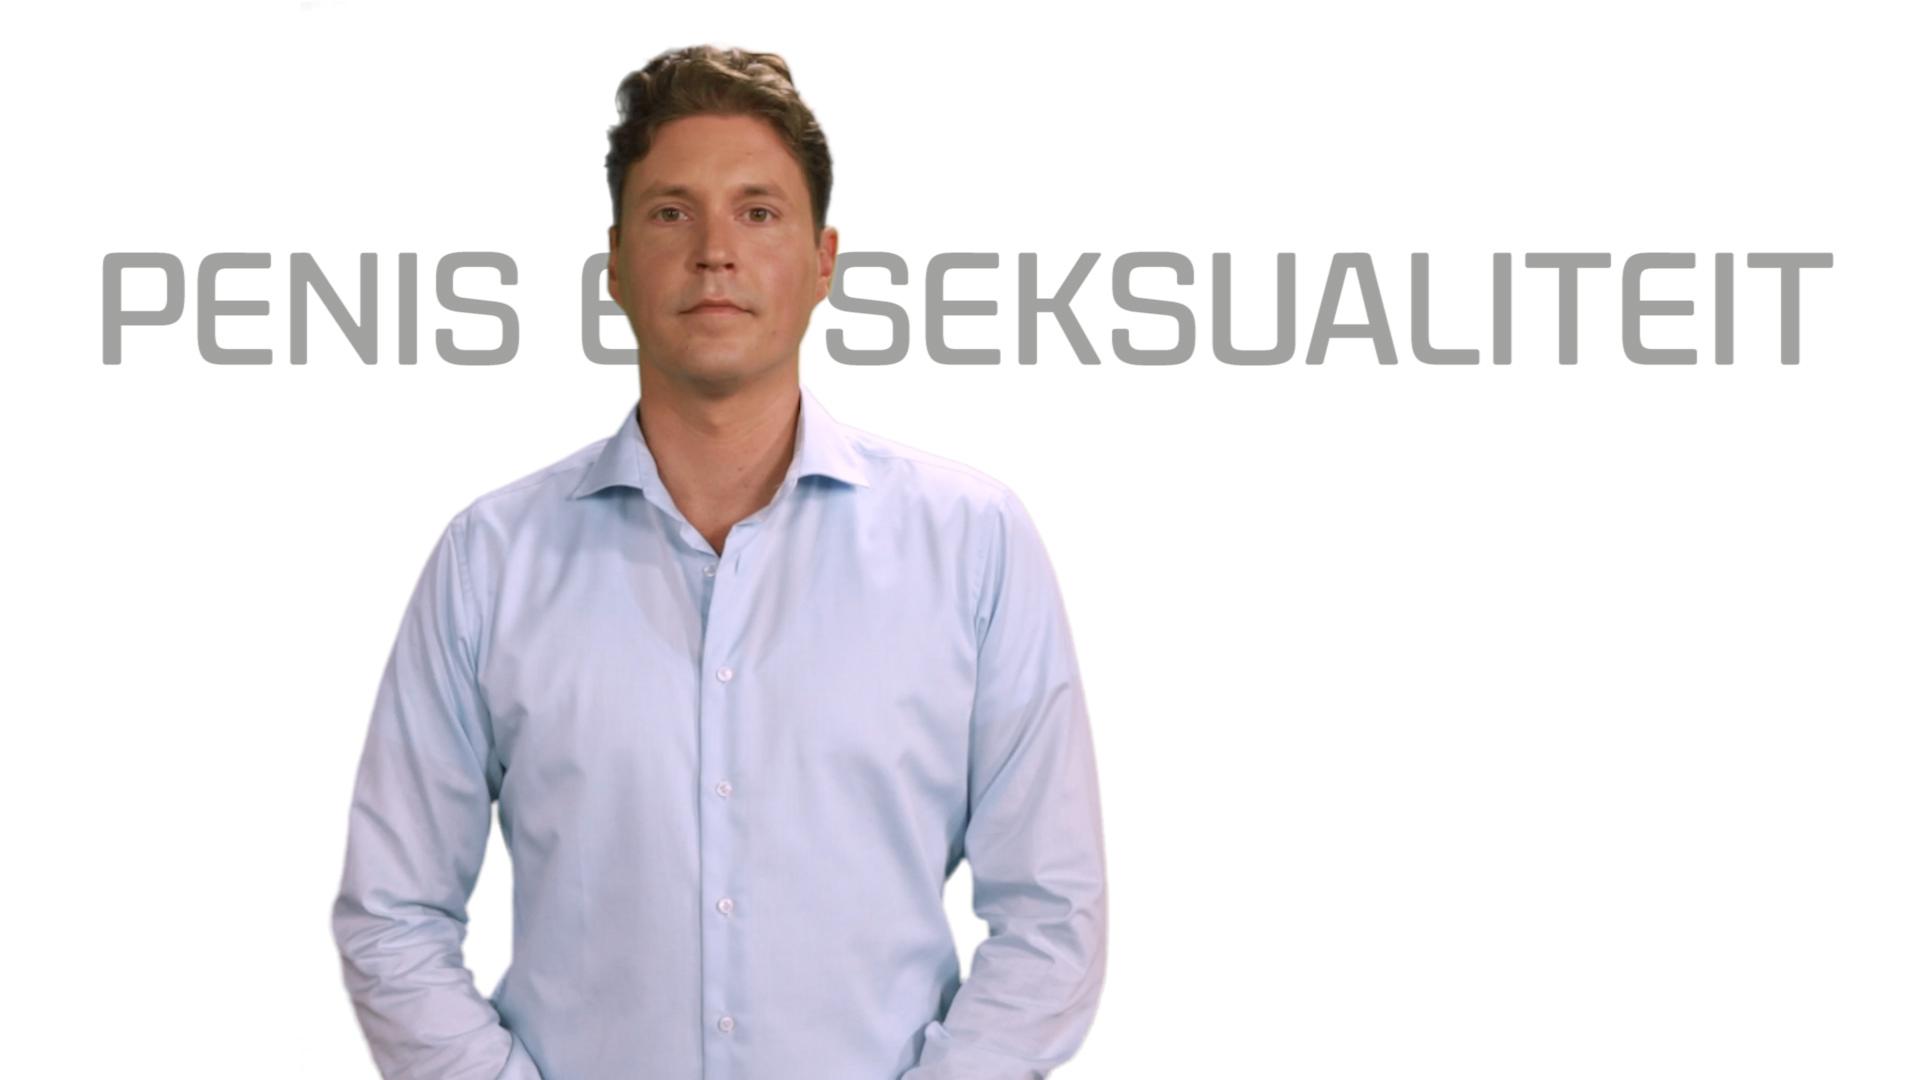 Bekijk de video: Penis en seksualiteit